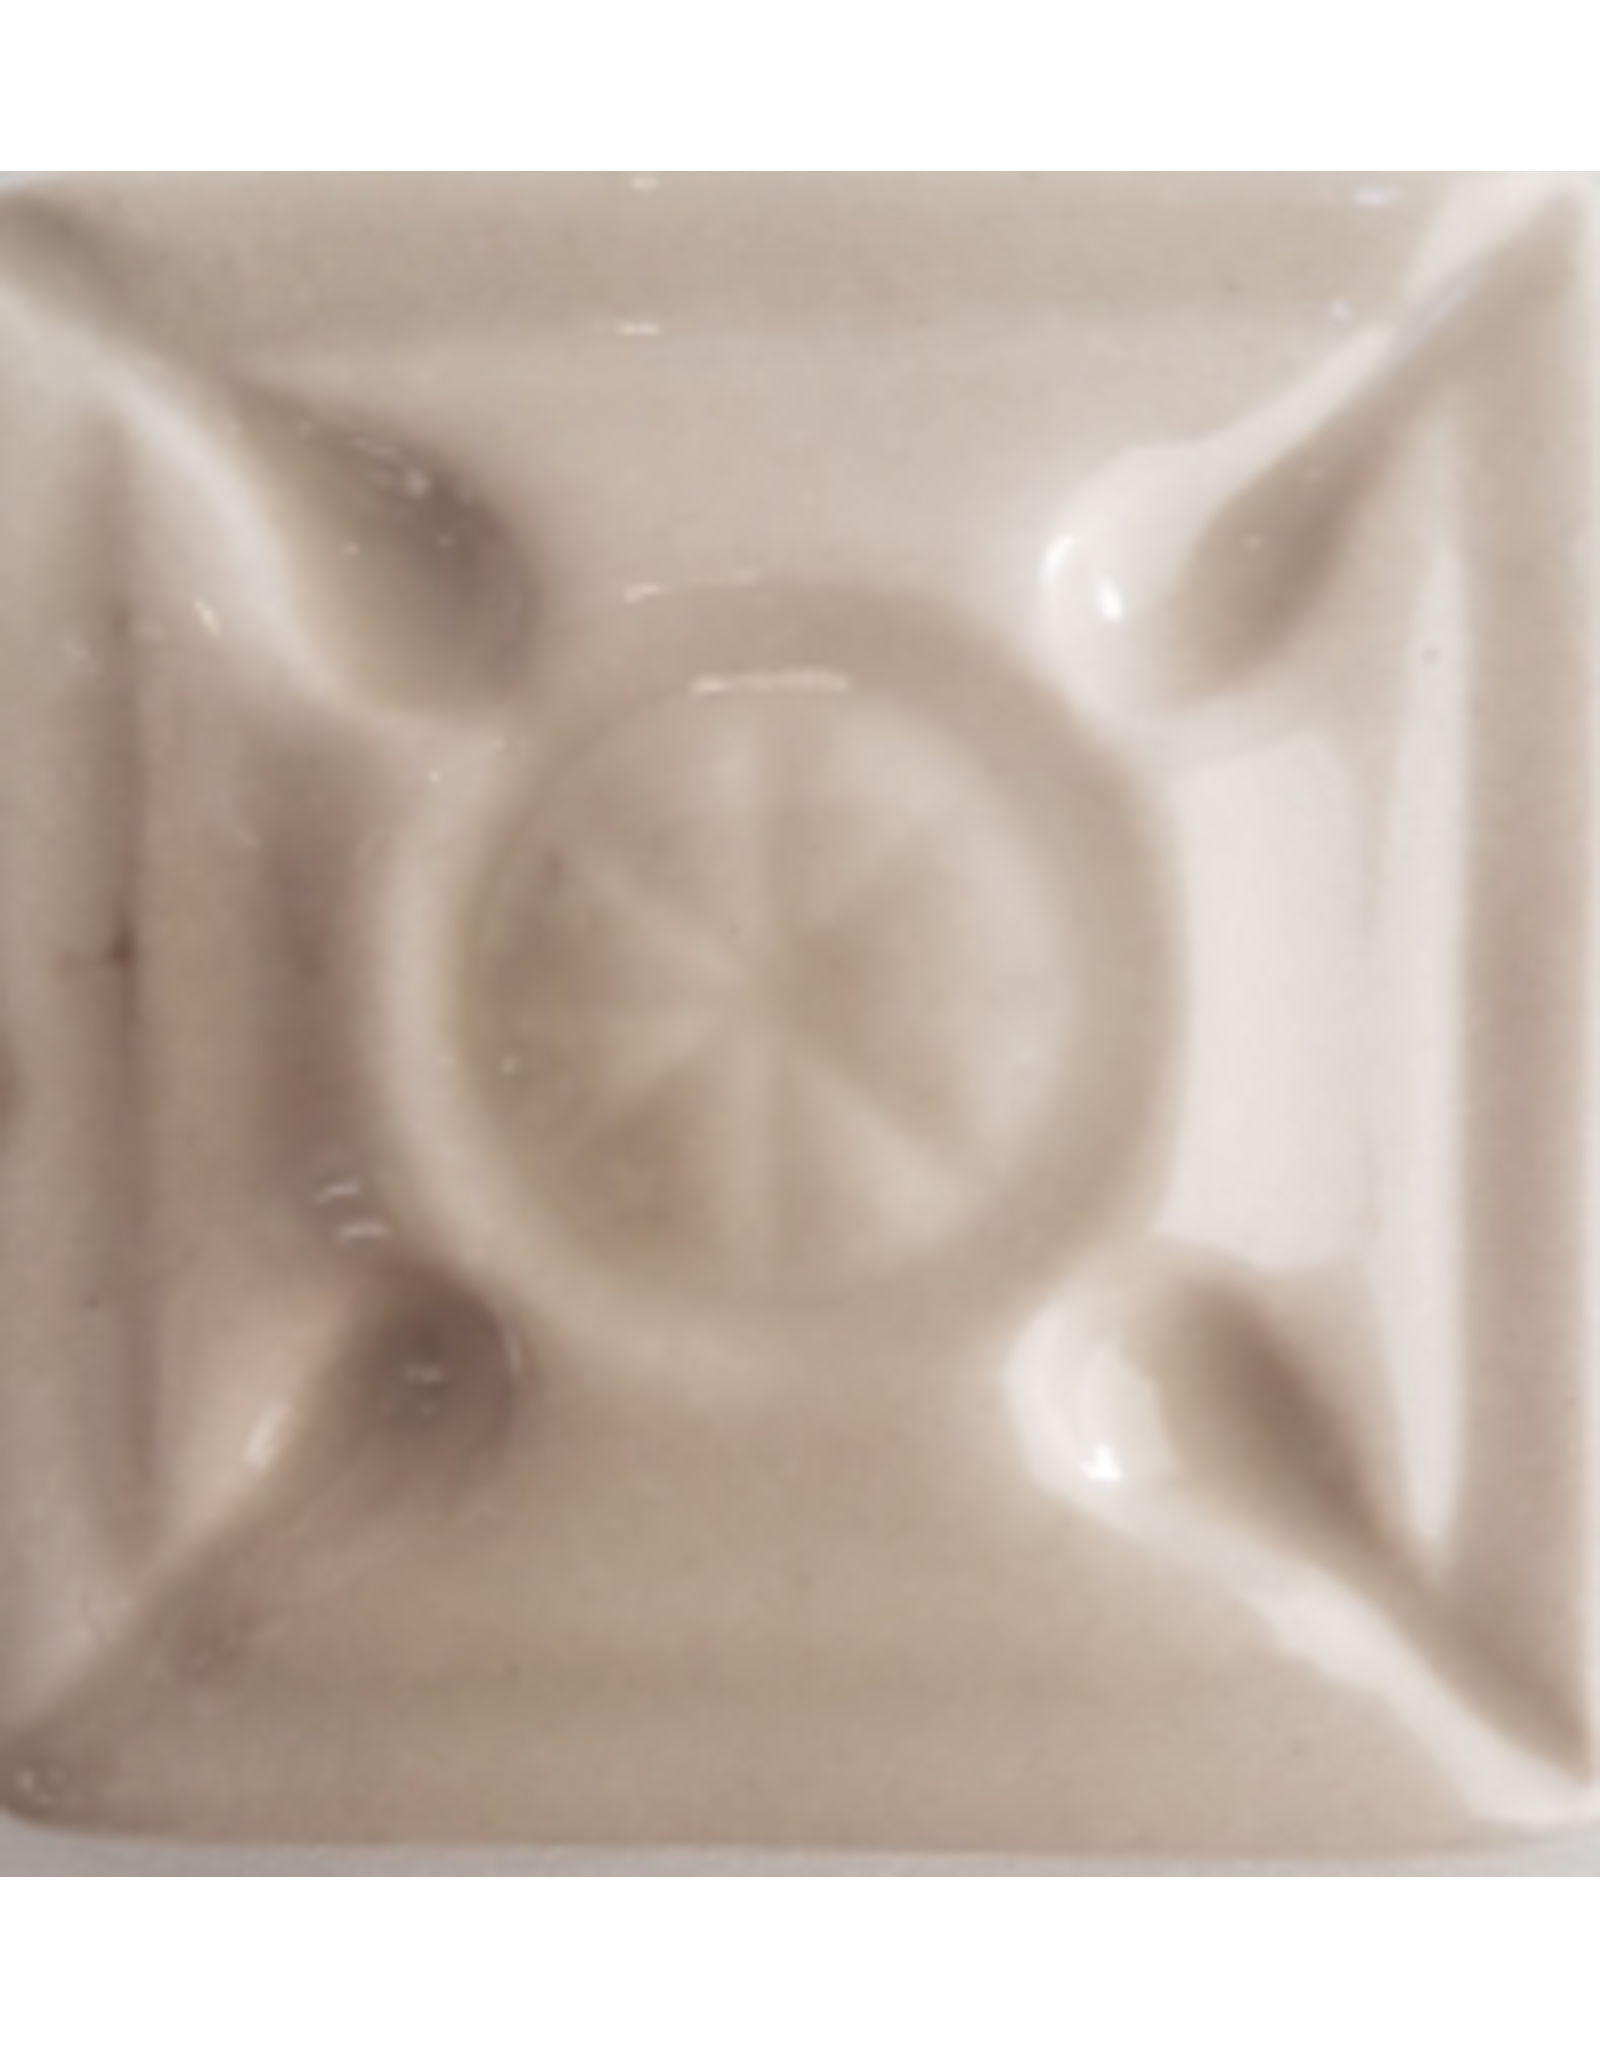 Potterycrafts Transparent glaze